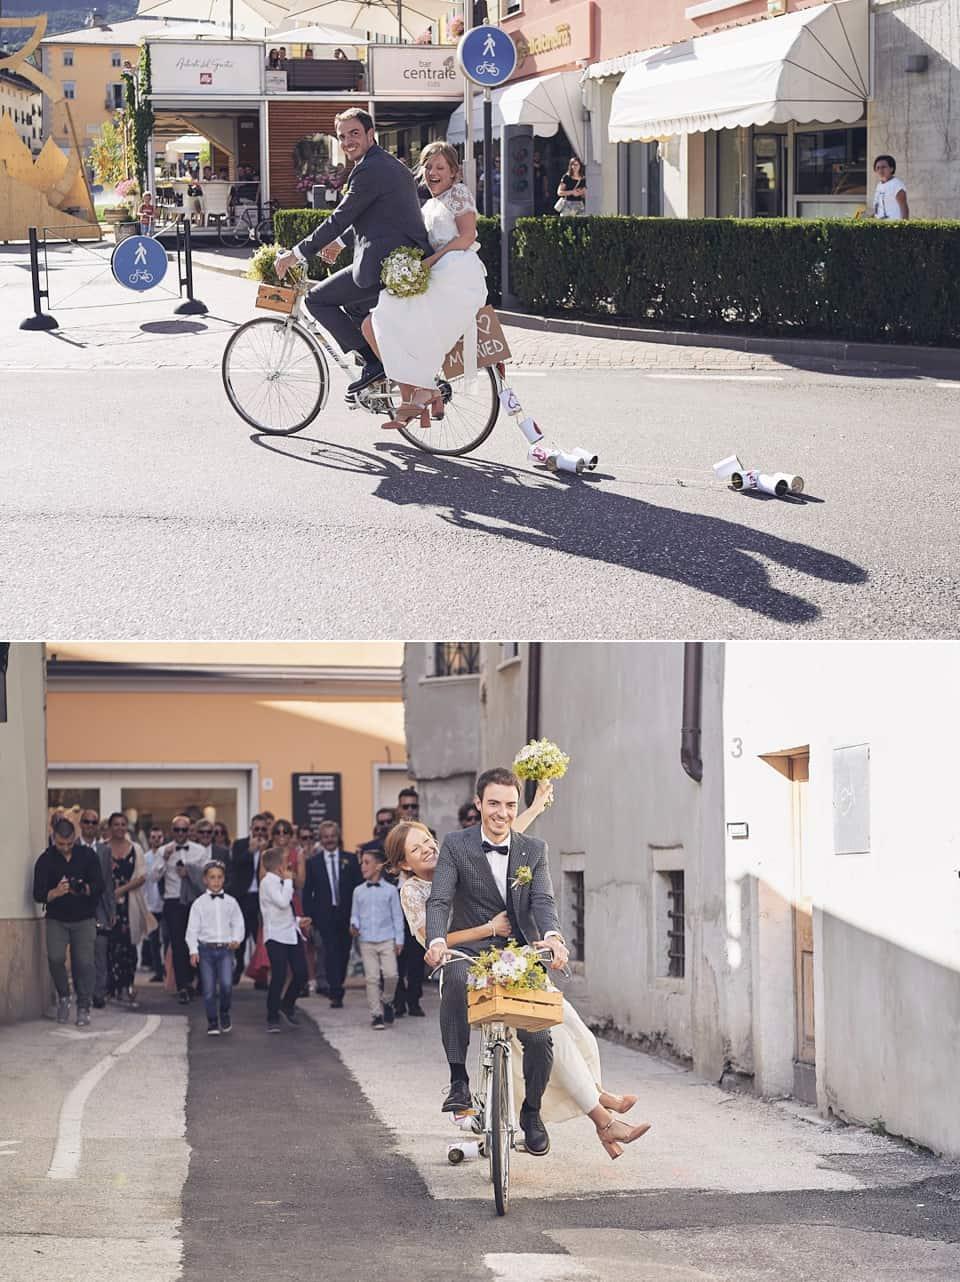 gli sposi raggiungono il ricevimento in bicicletta fotografo per matrimoni Brescia